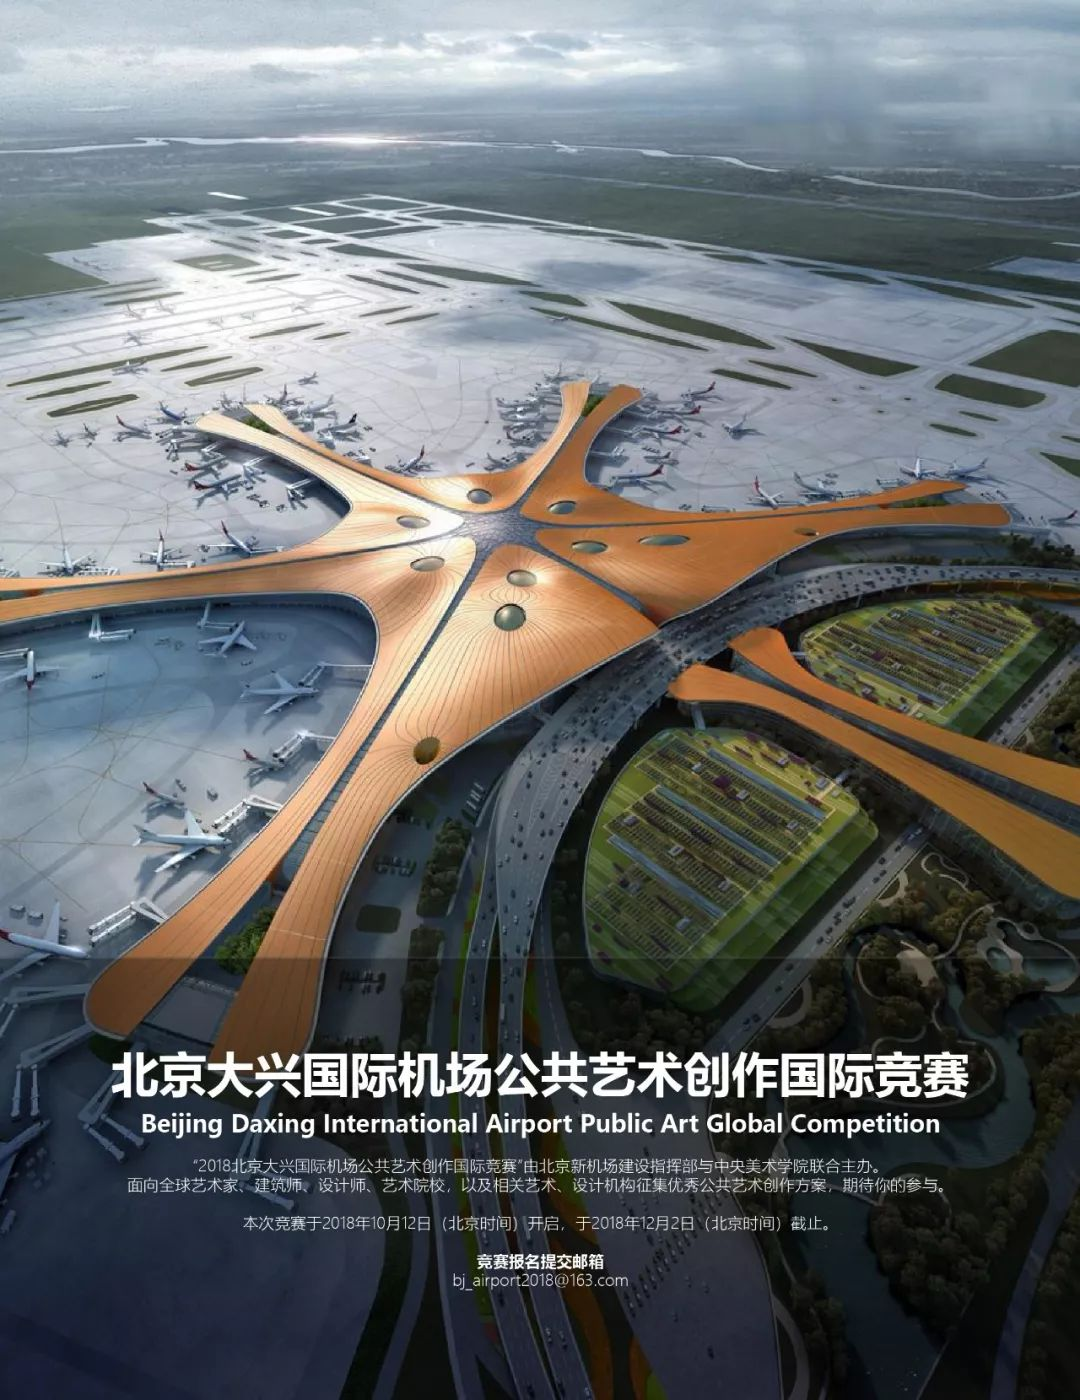 『新浪雕塑』征集|北京大兴国际机场公共艺术创作竞赛图片